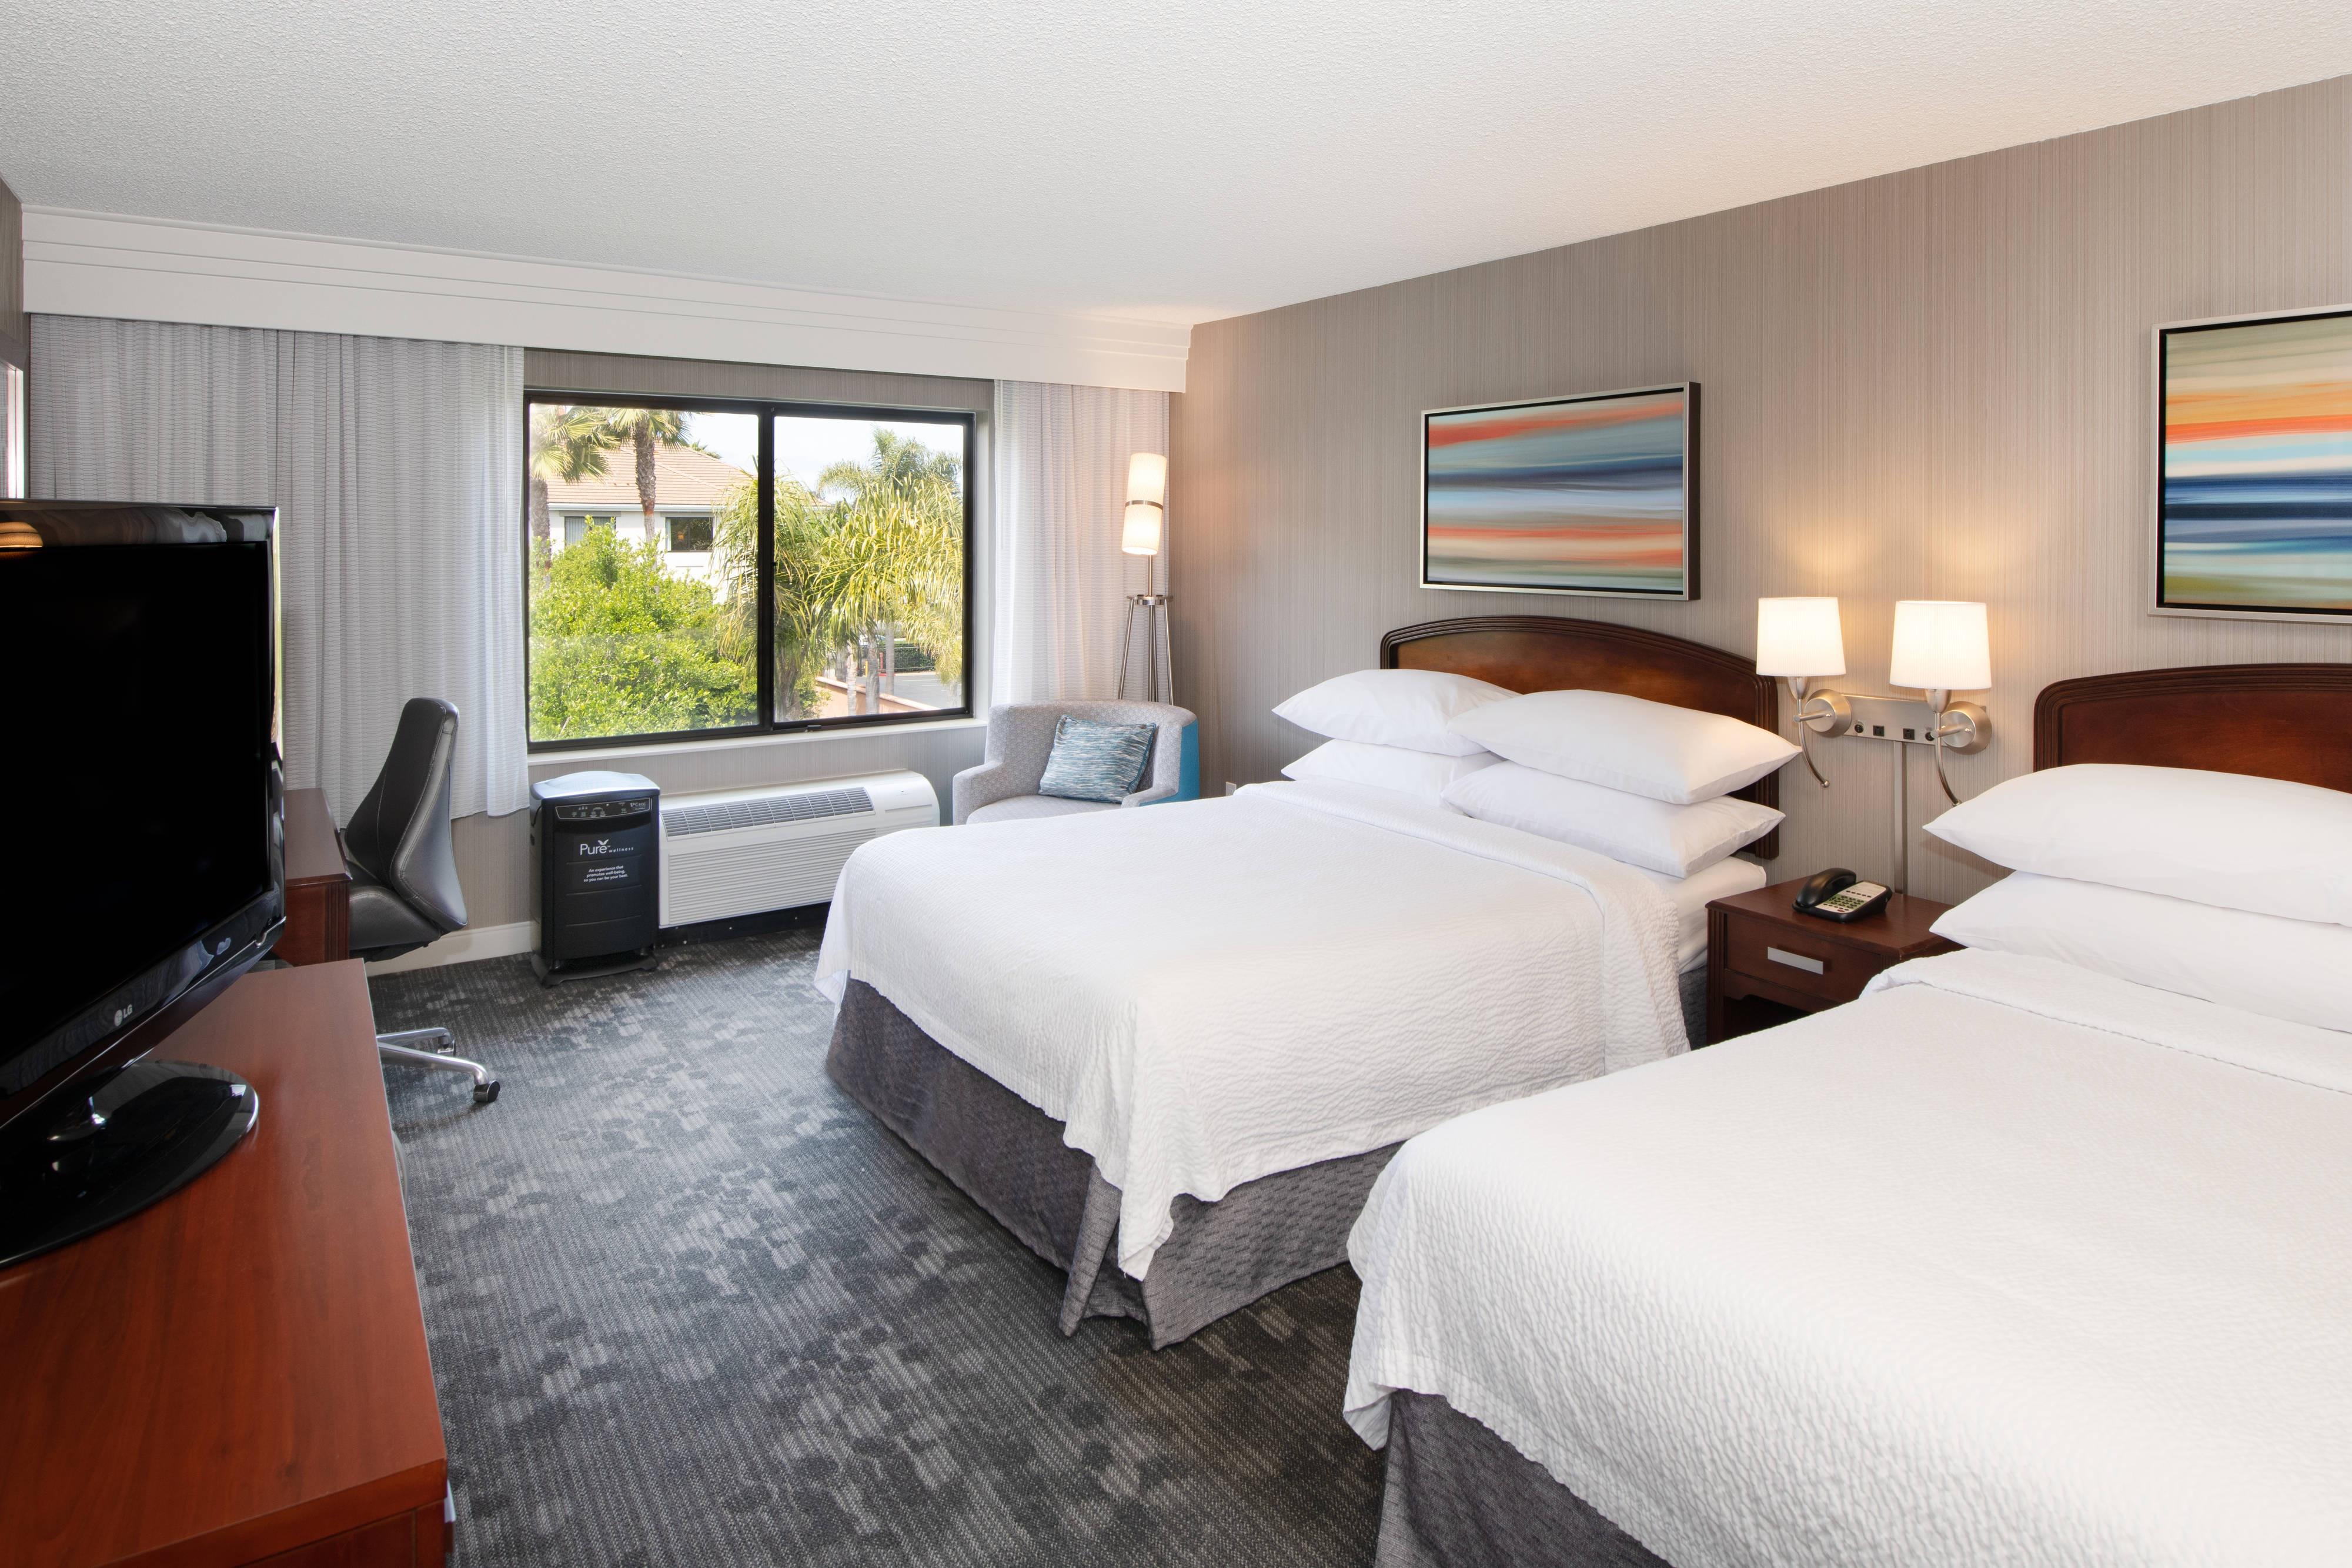 Chambre PURE bien-être avec deux lits queen size